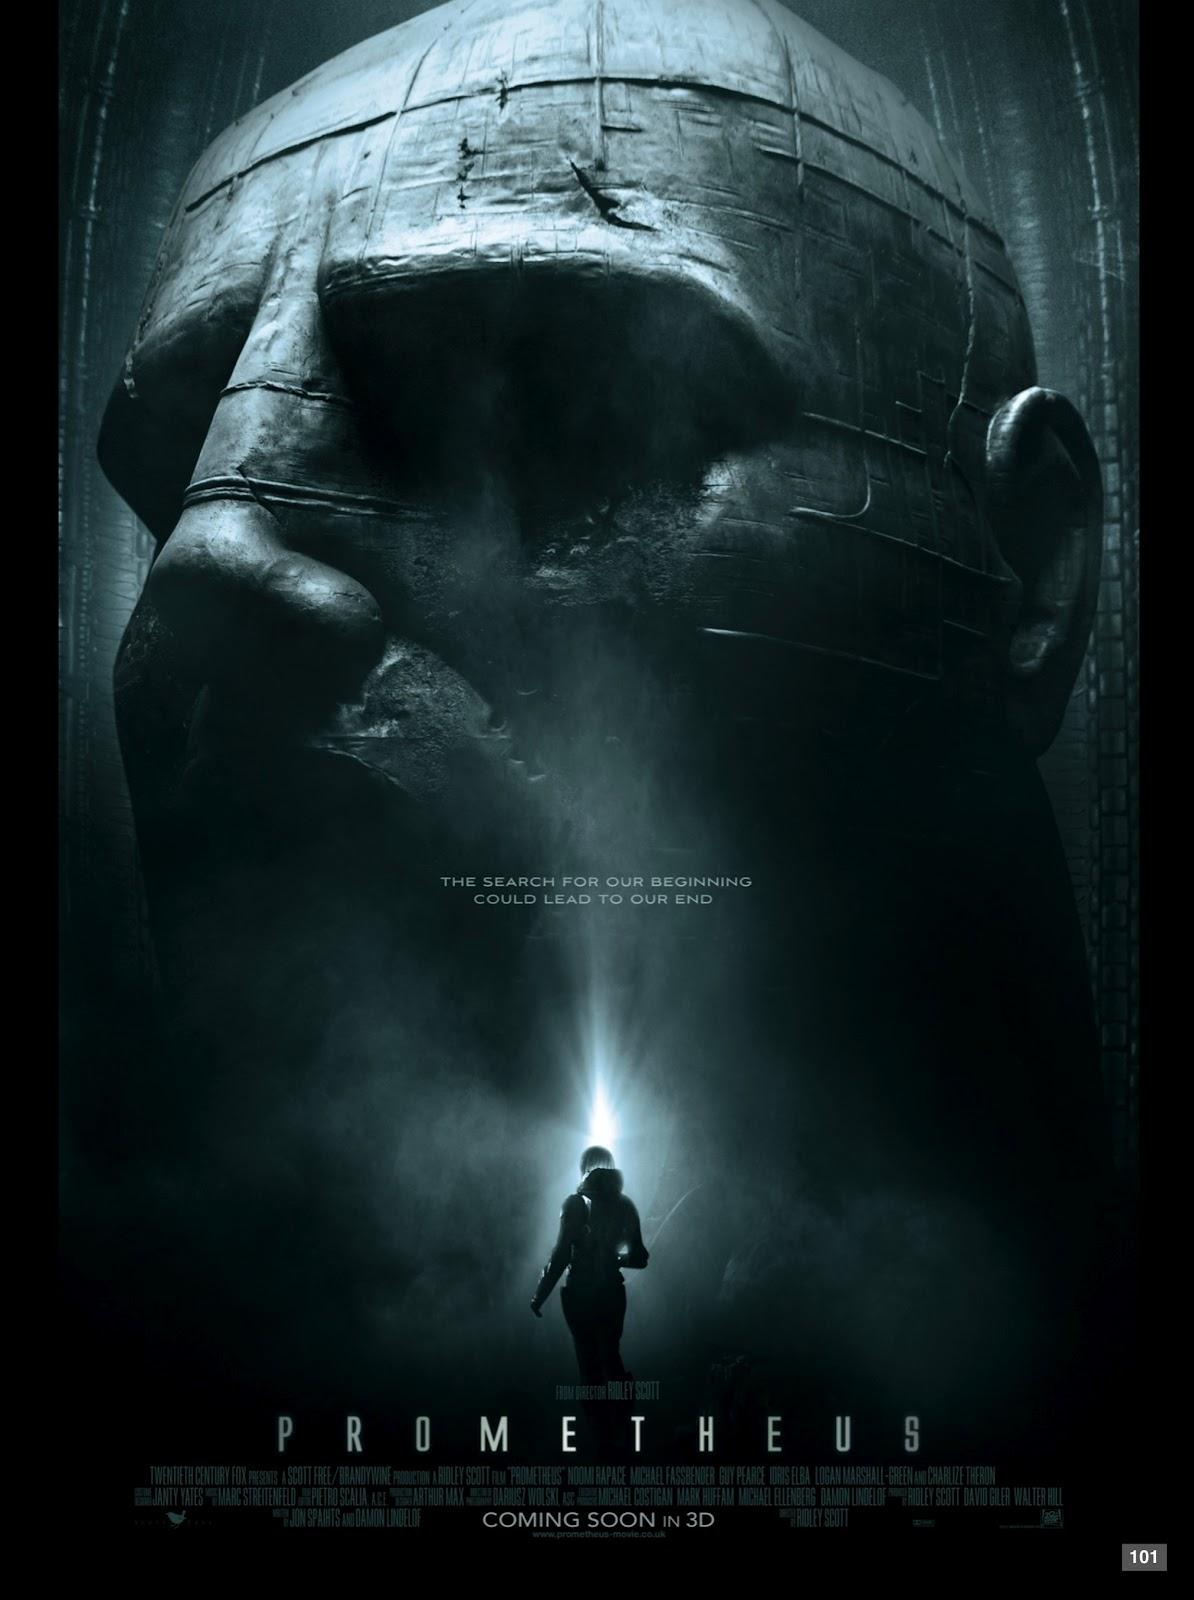 http://1.bp.blogspot.com/-Z0vmswqAJds/T9ZbPG_w5XI/AAAAAAAAB68/xS0TkmDGj_Y/s1600/prometheus-Prometeo+Poster.jpg